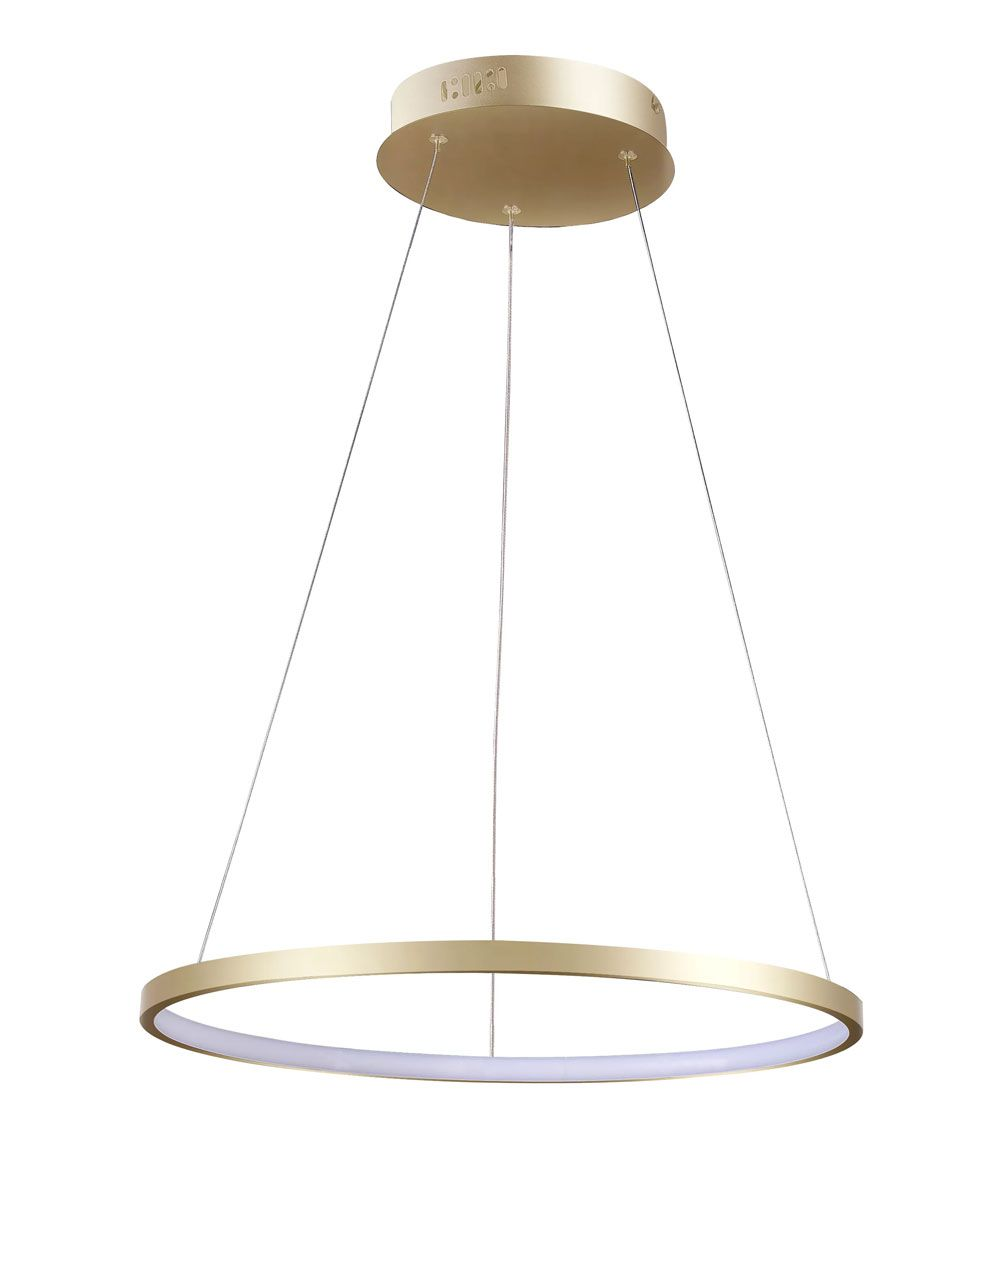 Pendente Rings Anel em Metal Dourado 40CM LED 20W Bivolt 3000K Branco quente QPD1300-DO